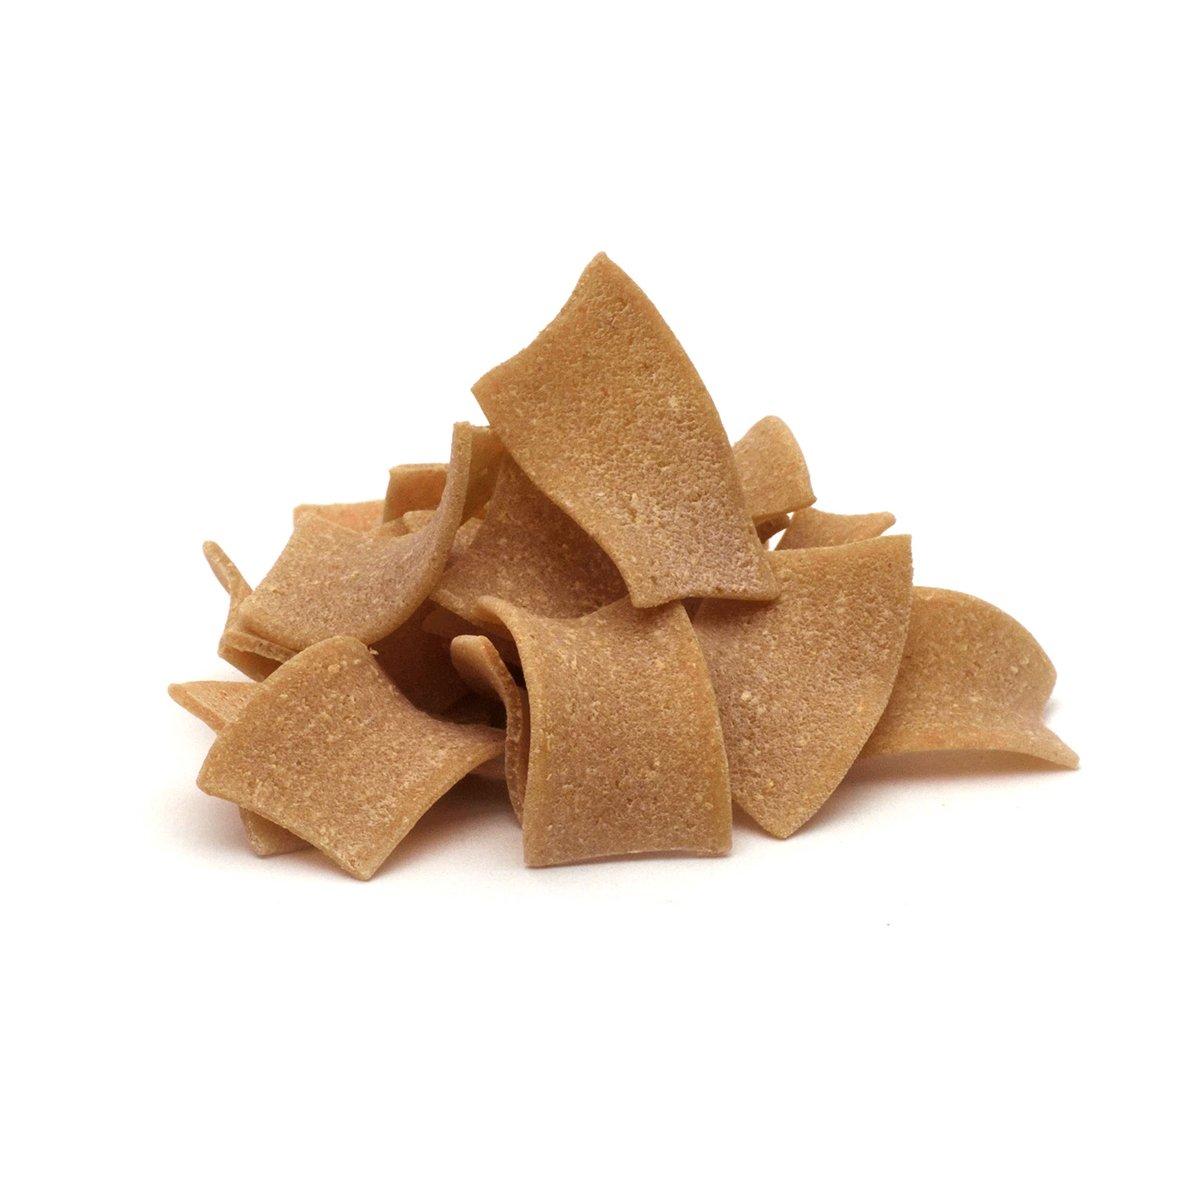 Pantacce Pasta semola integrale di grano duro Cappelli all'Aloe Vera